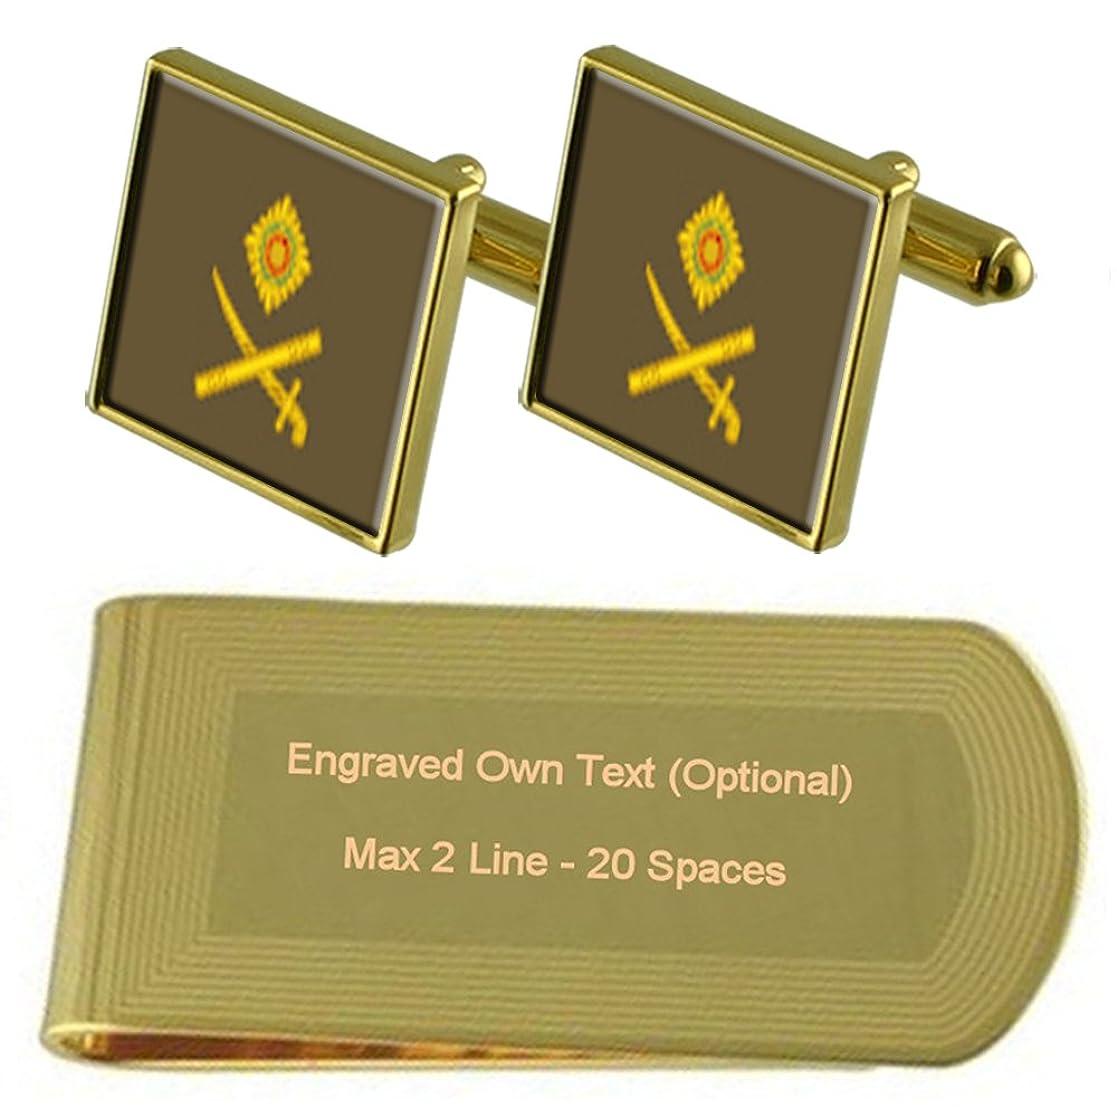 人里離れた管理する近代化する陸軍記章ランク主な一般的なゴールドトーン カフスボタン お金クリップを刻まれたギフトセット